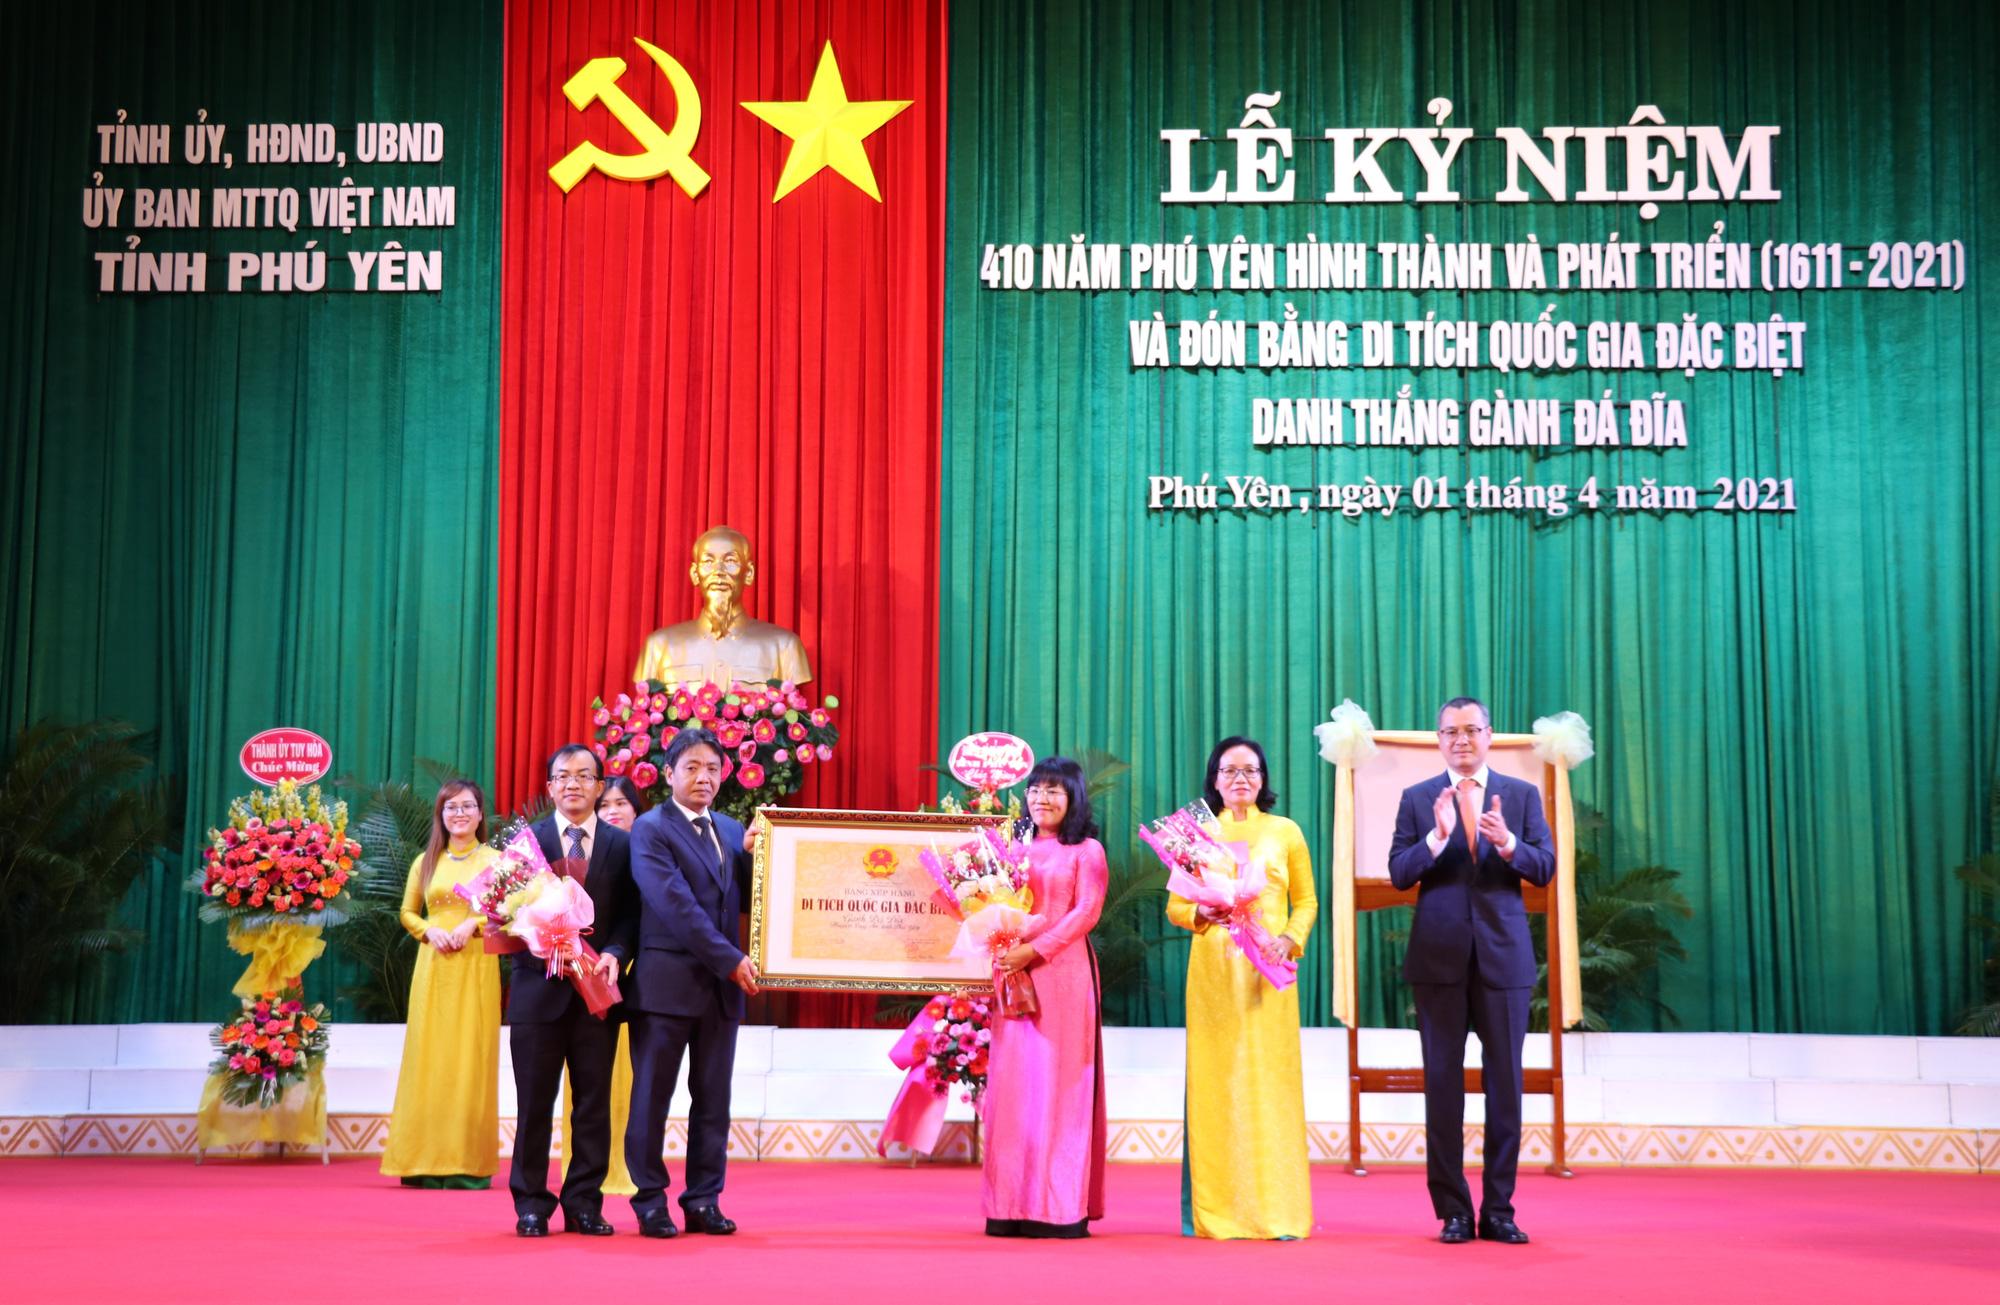 Phú Yên: Nhận Bằng di tích quốc gia đặc biệt danh thắng Gành Đá Đĩa - Ảnh 1.